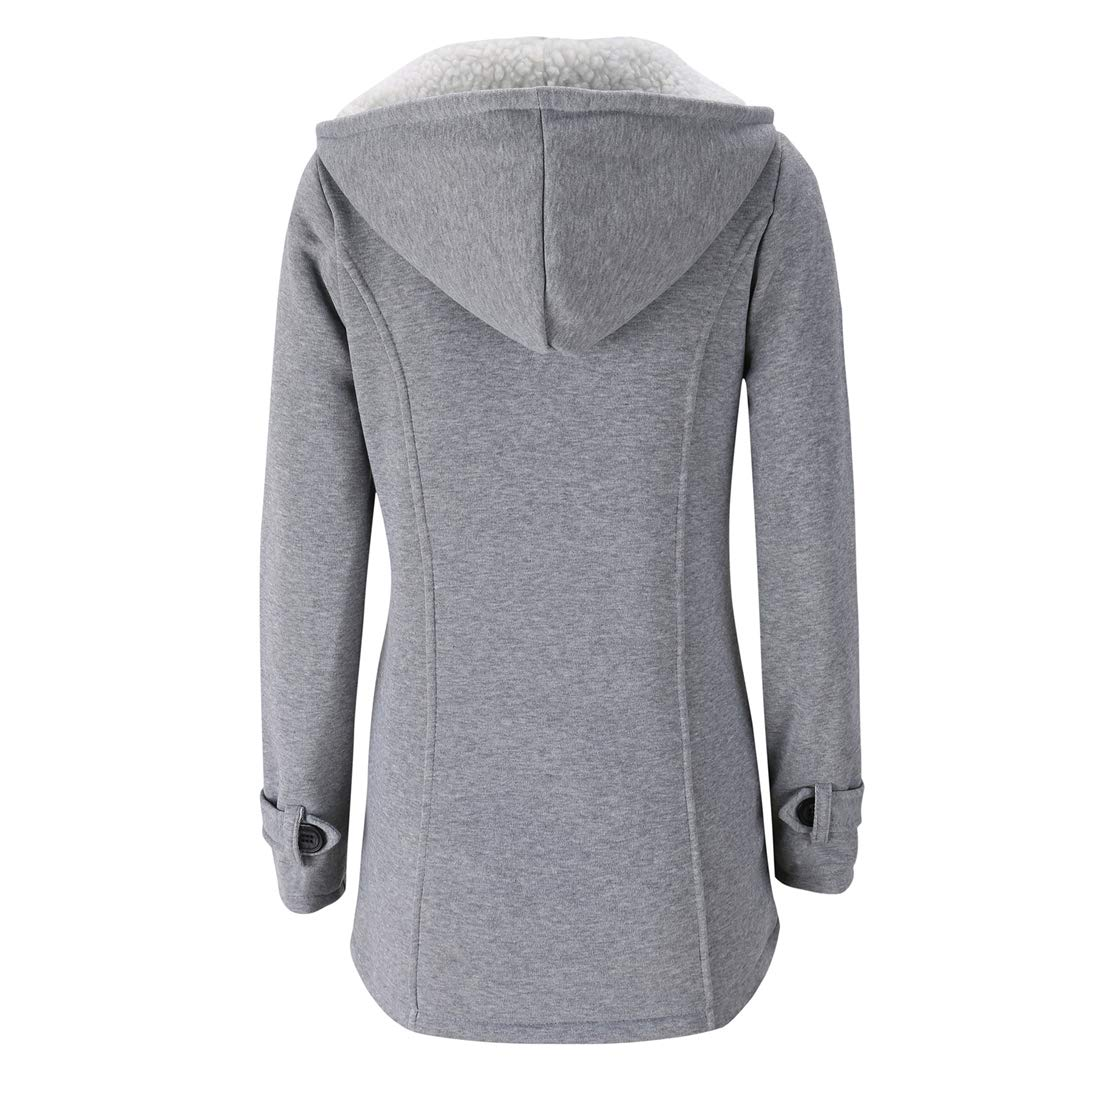 Omoone Womens Long Sleeves Fleece Lined Hoodie Casual Short Jacket Pea Coat